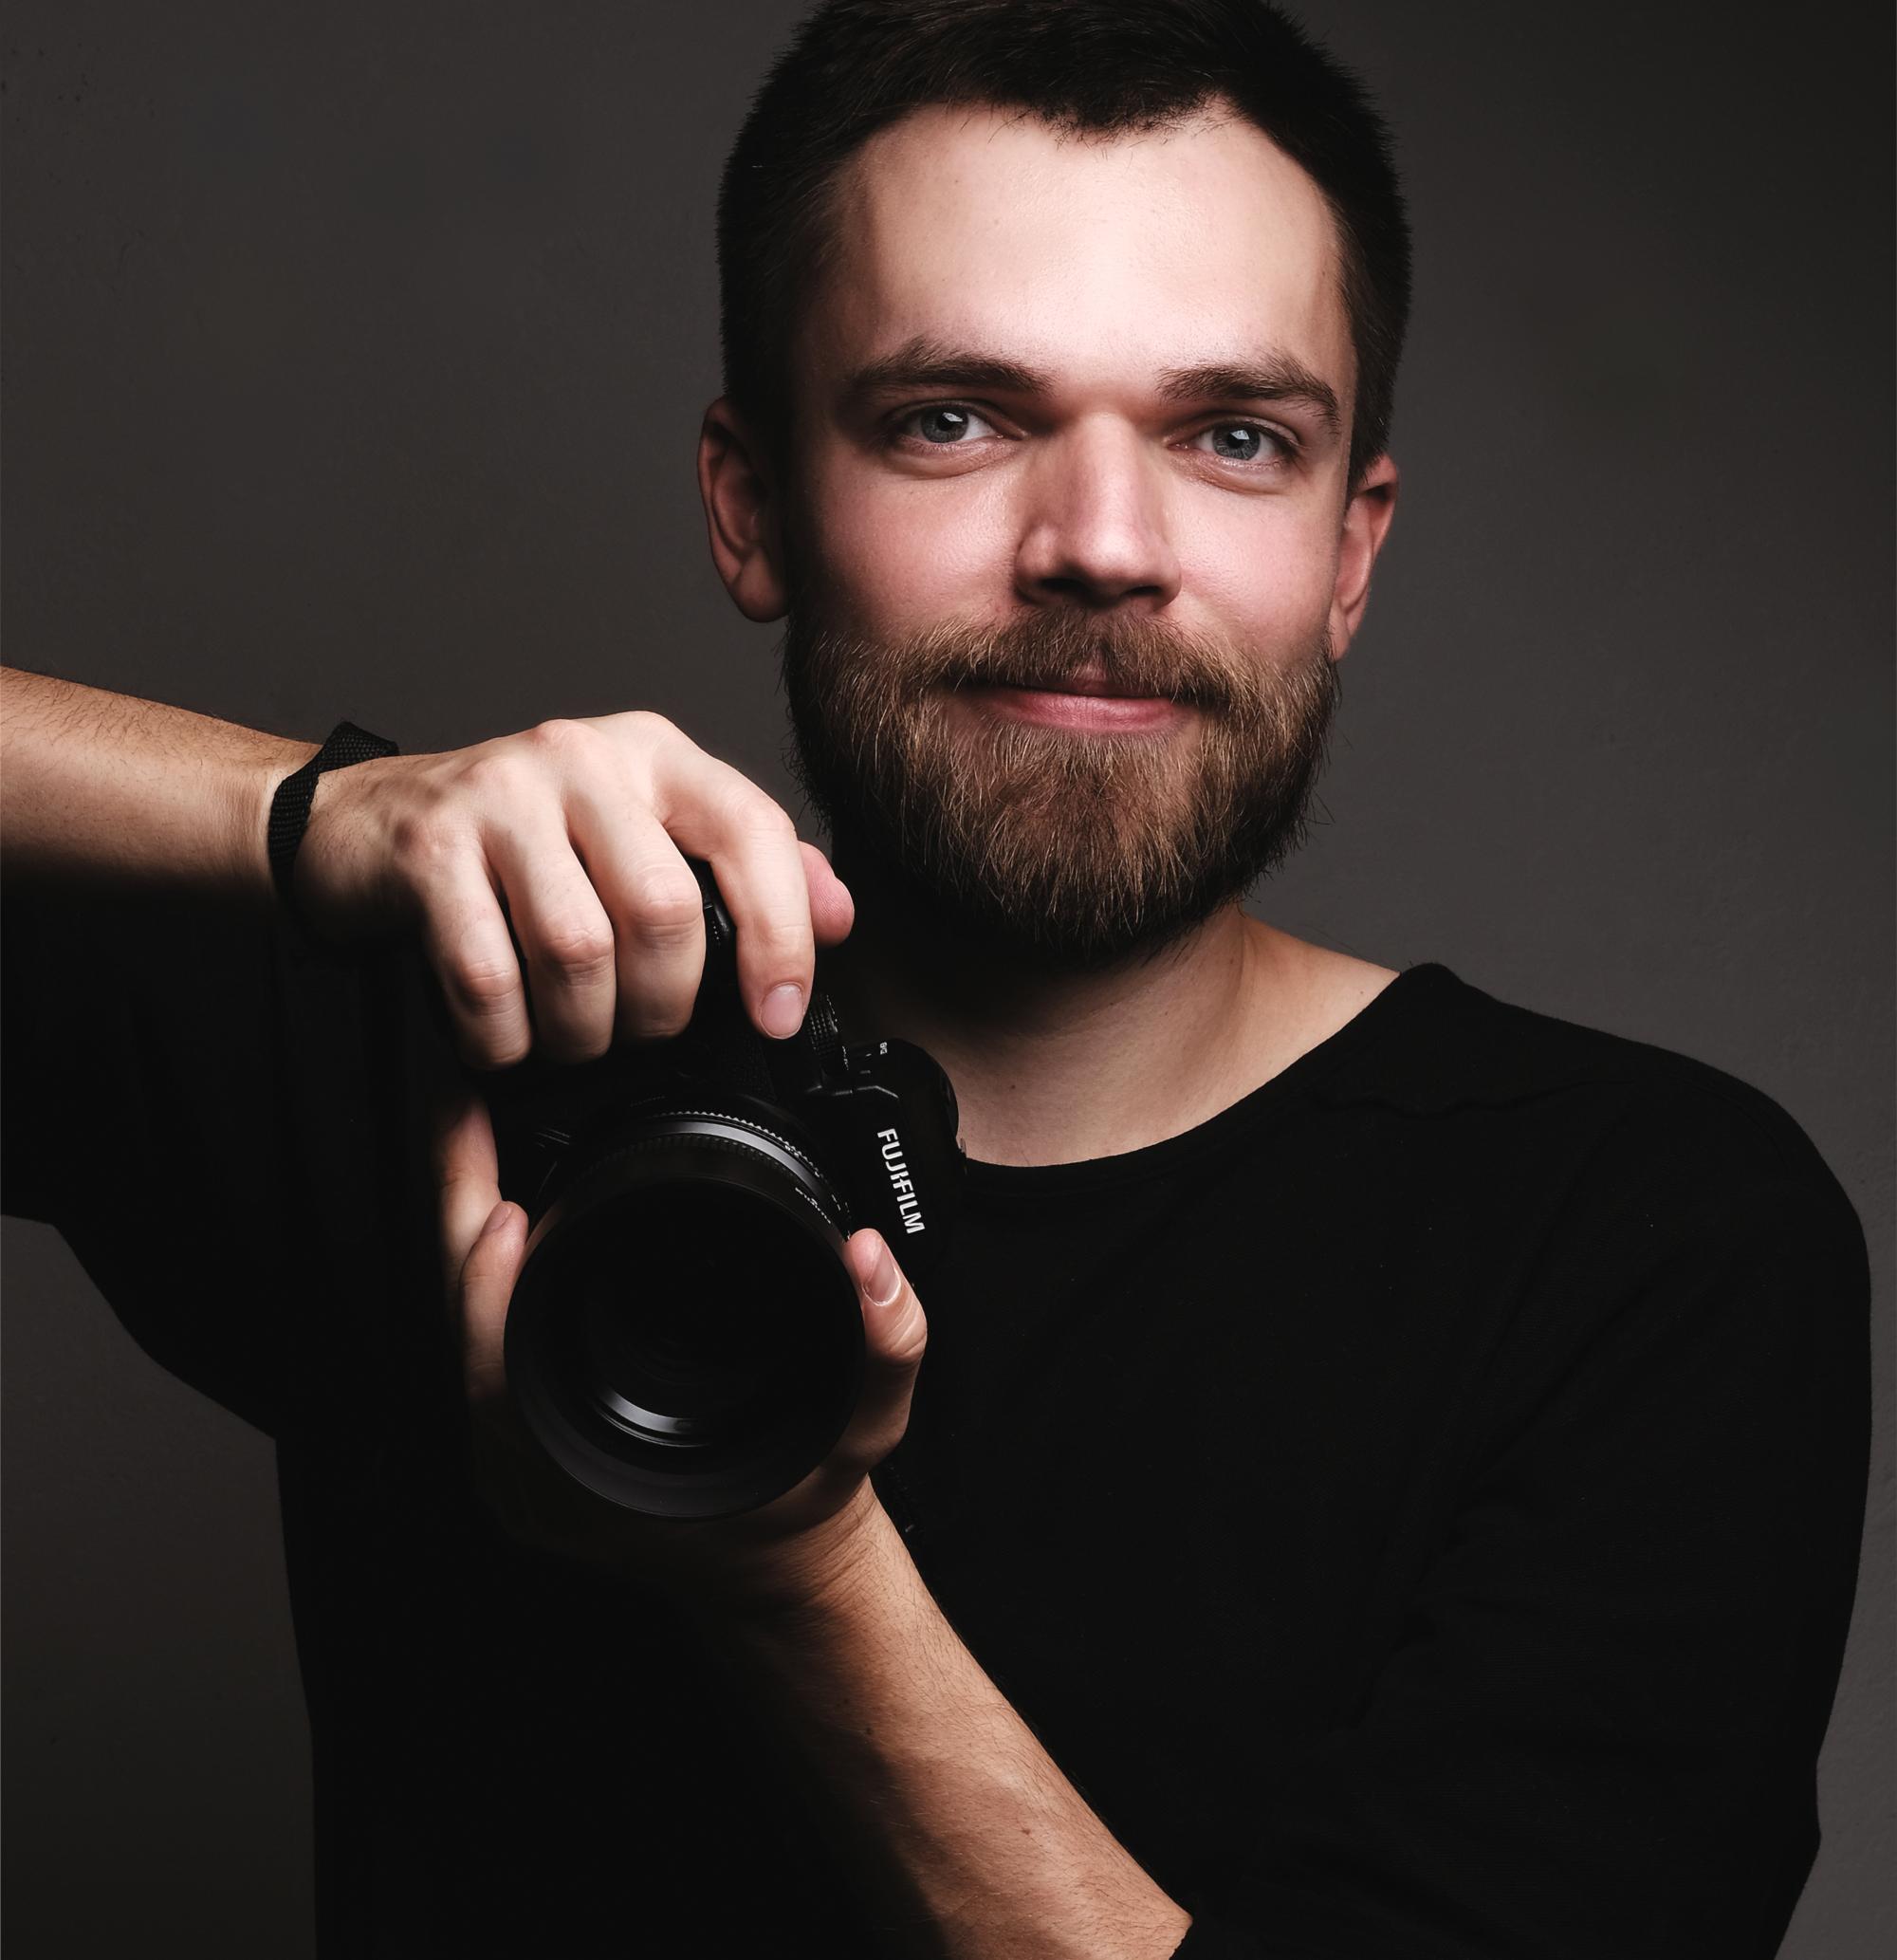 Олег Самойлов фотограф